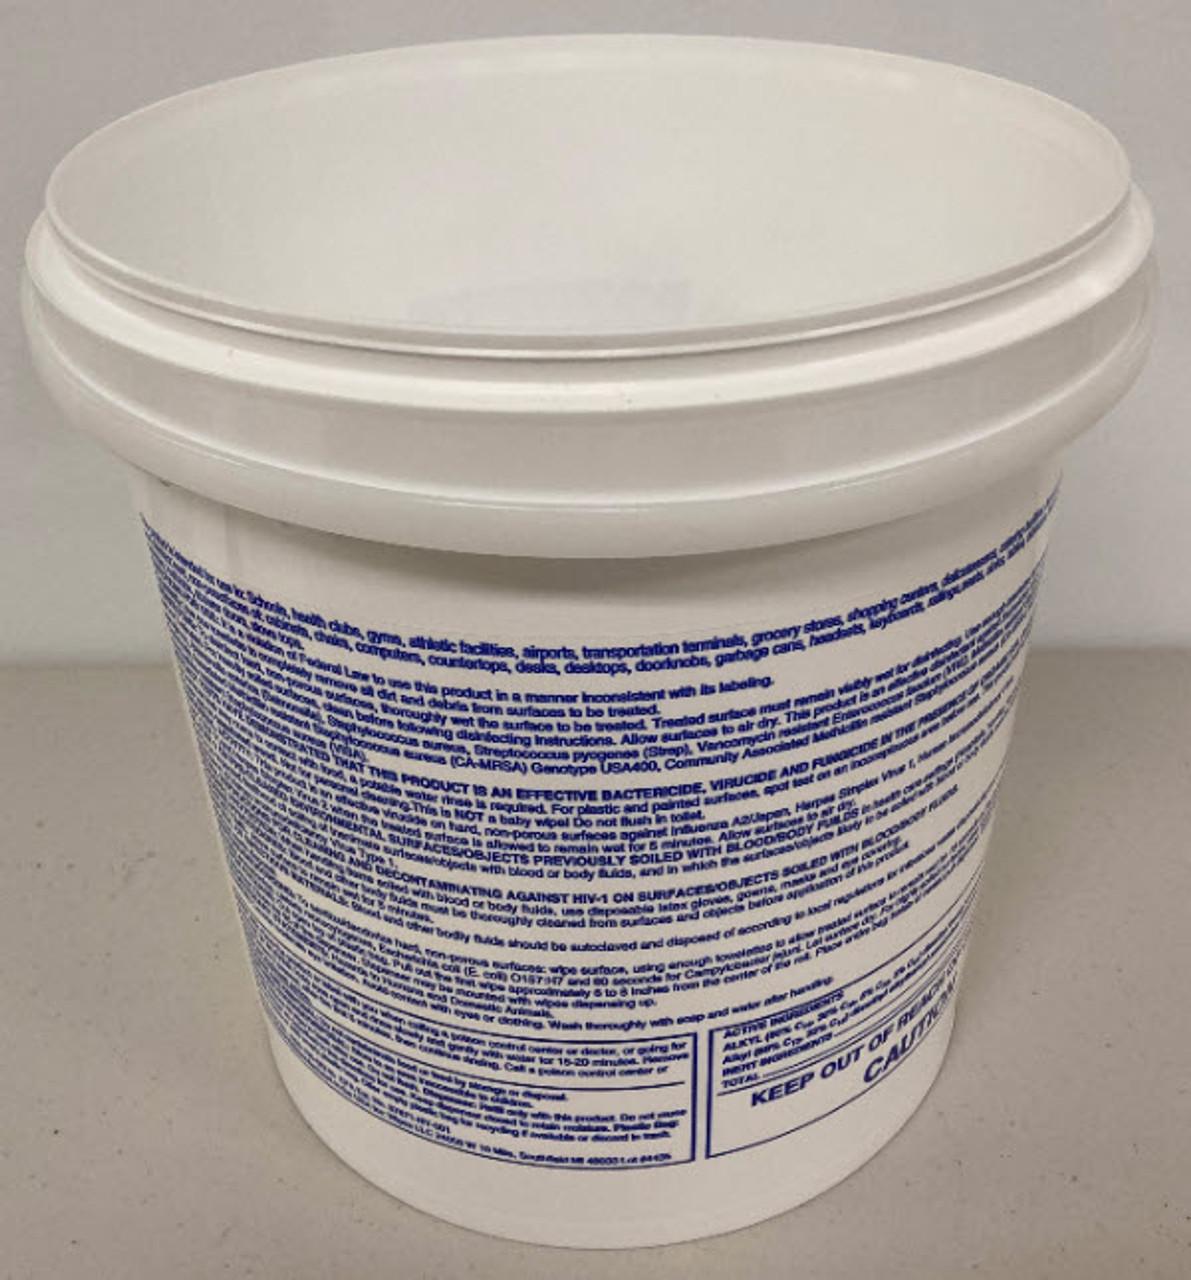 Empty Bucket Dispenser - Disinfecting Label